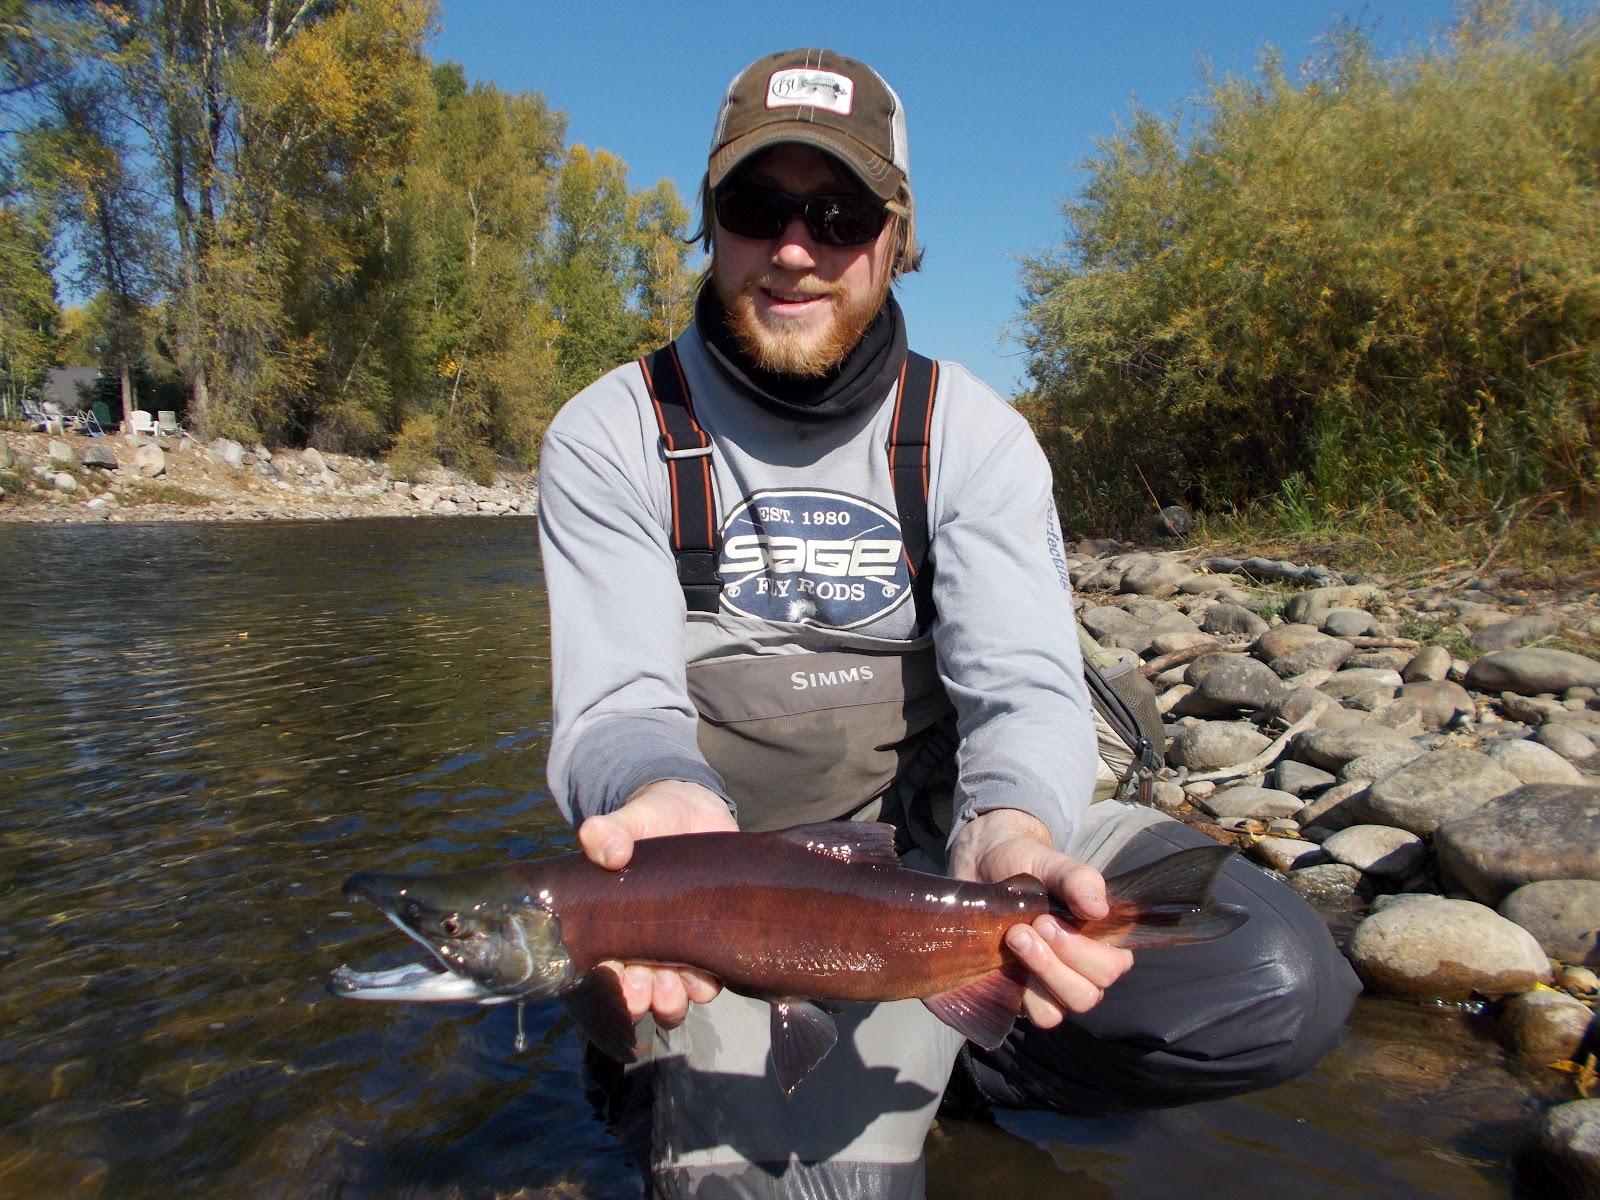 Addictive angling colorado kokanee salmon on the move out for Salmon fishing colorado